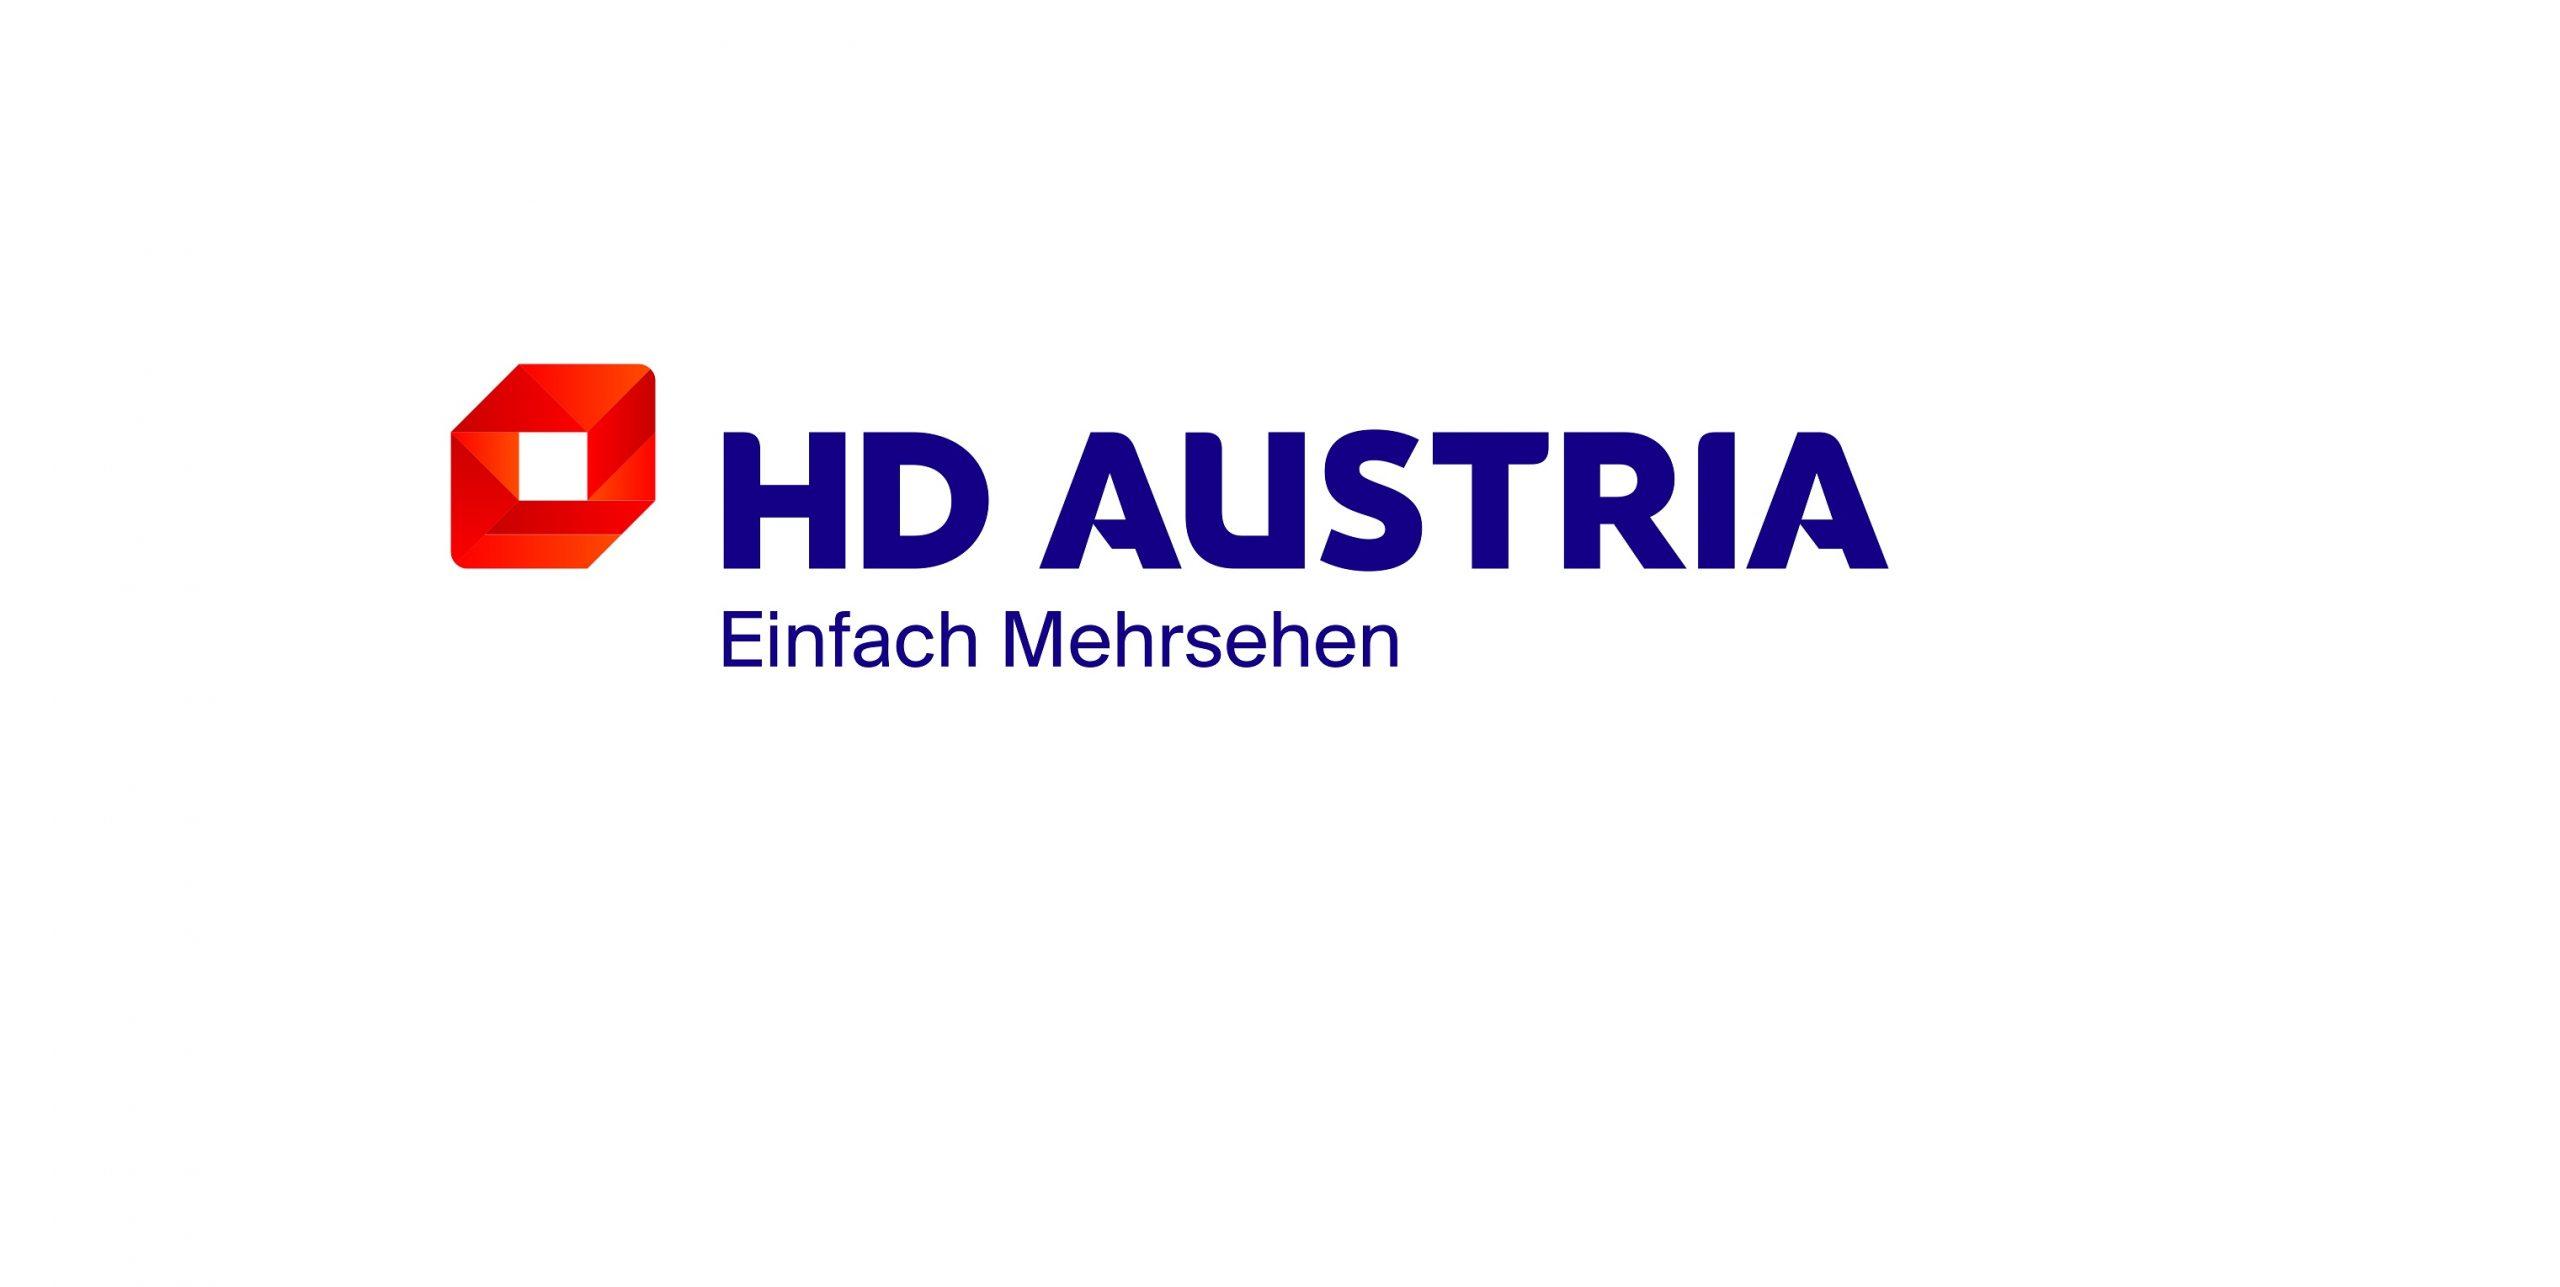 HD Austria feiert 200.000 Kunden und sorgt weiter für zeitgemäßes TV-Vergnügen in Österreich